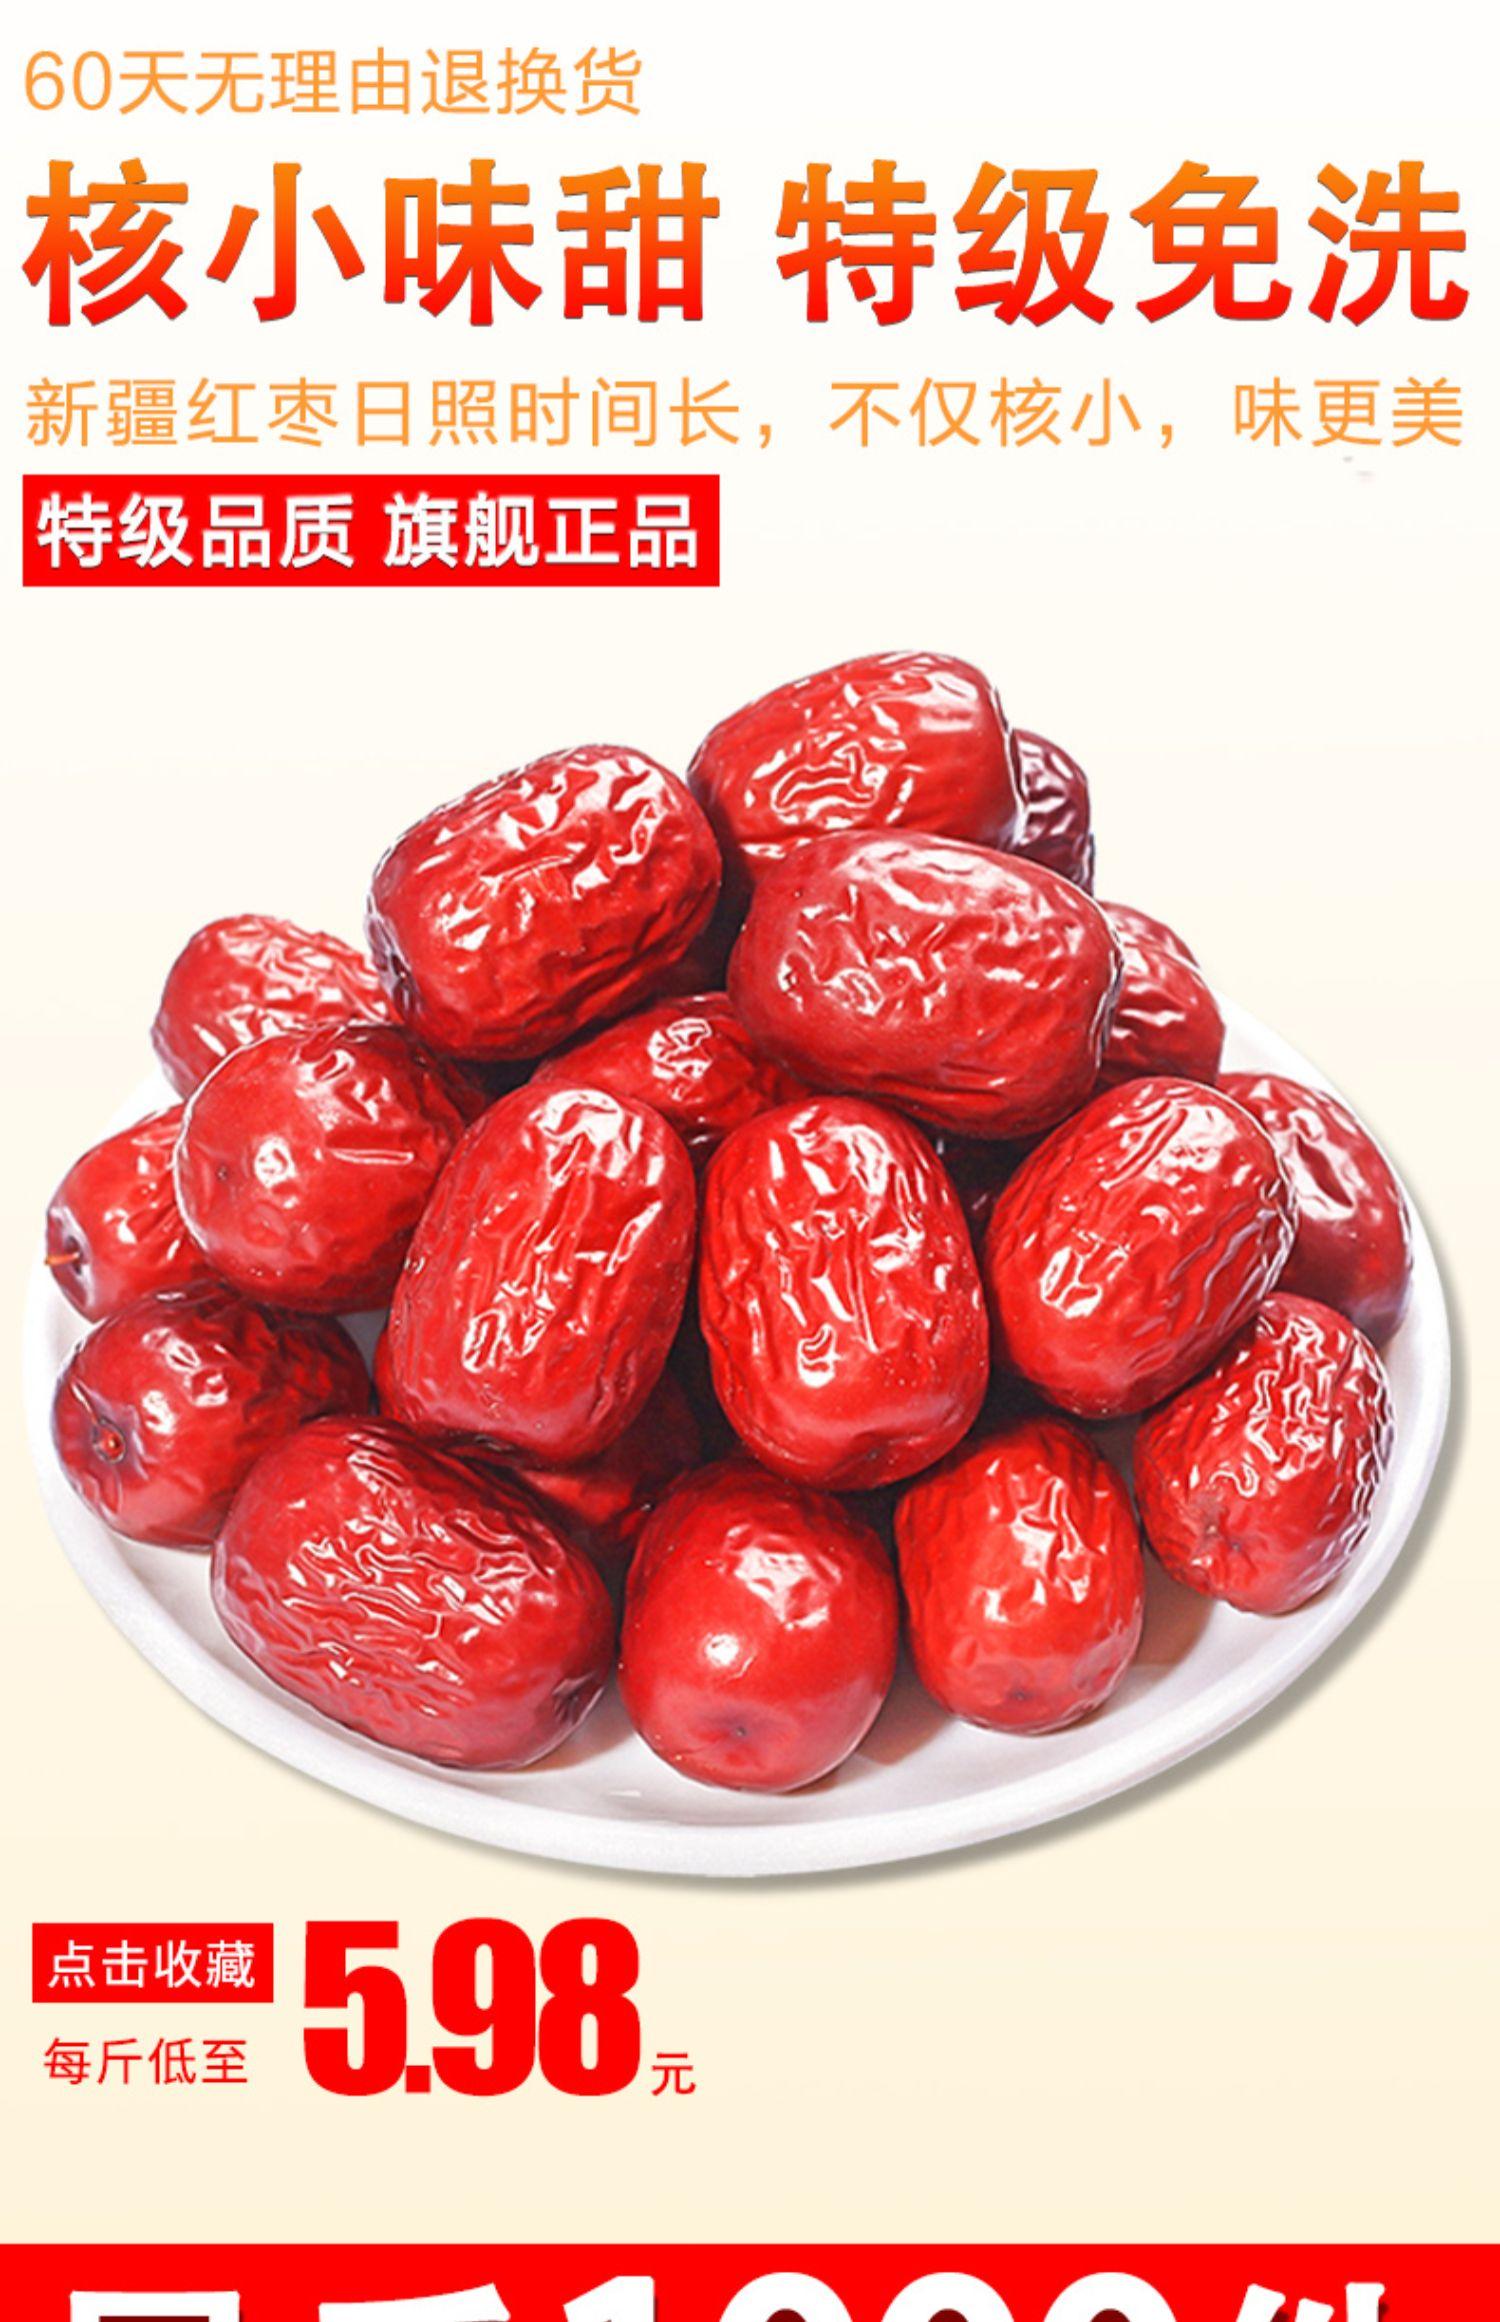 新疆红枣 特级免洗枣2500g一级优质大枣和田特产若羌灰枣包邮商品详情图